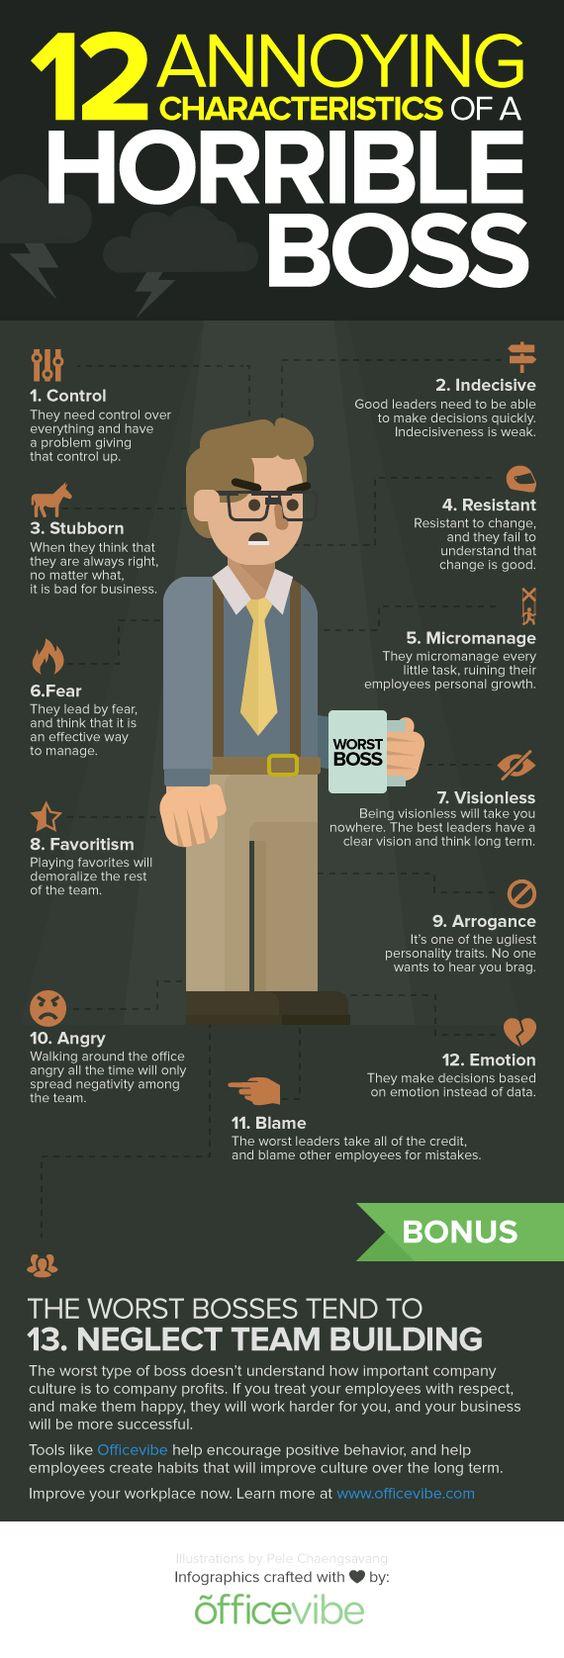 Irritante eigenschappen van een vreselijke baas